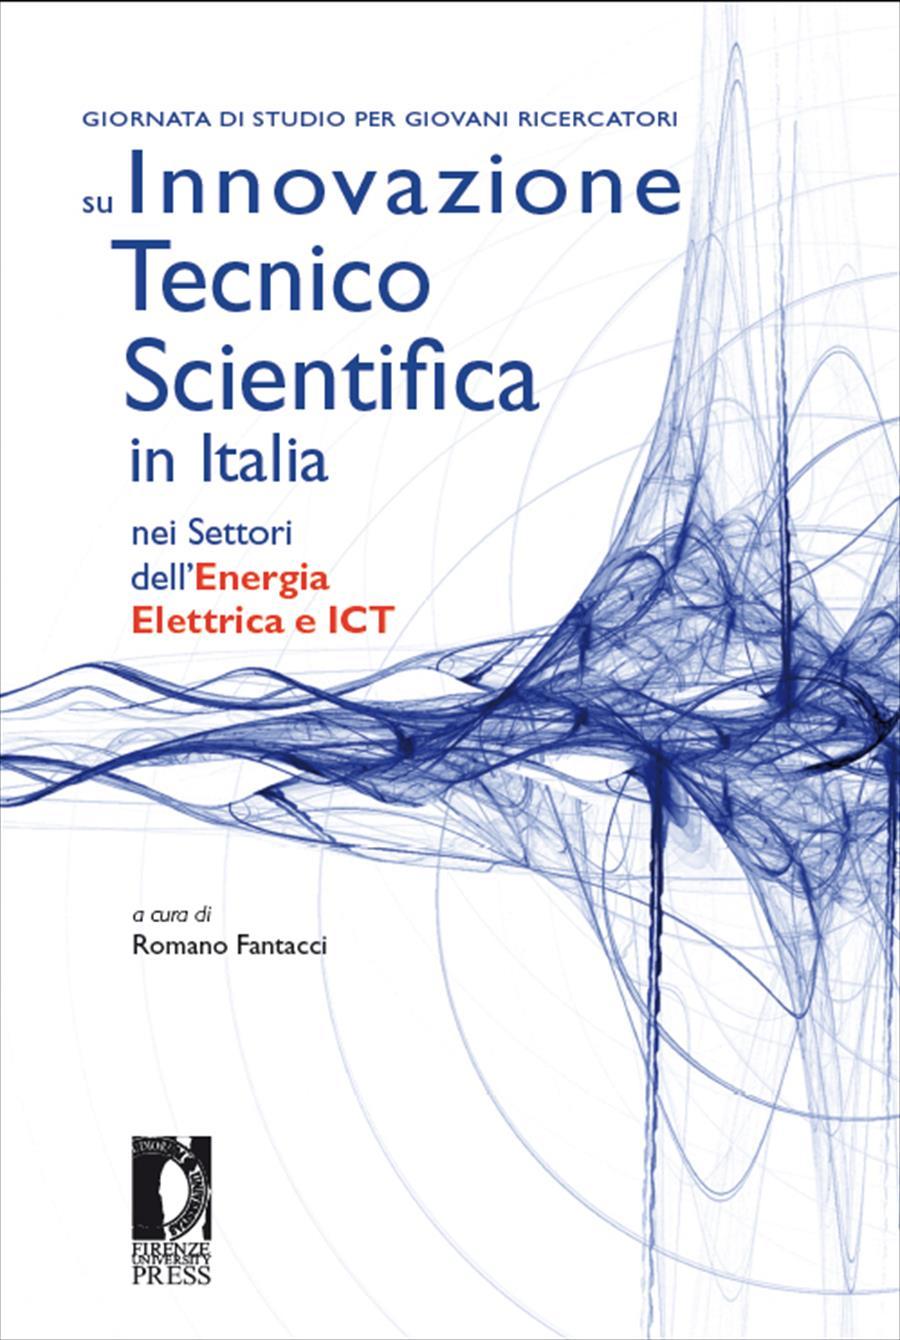 Giornata di Studio per Giovani Ricercatori su Innovazione Tecnico Scientifica in Italia nei Settori dell'Energia Elettrica e ICT